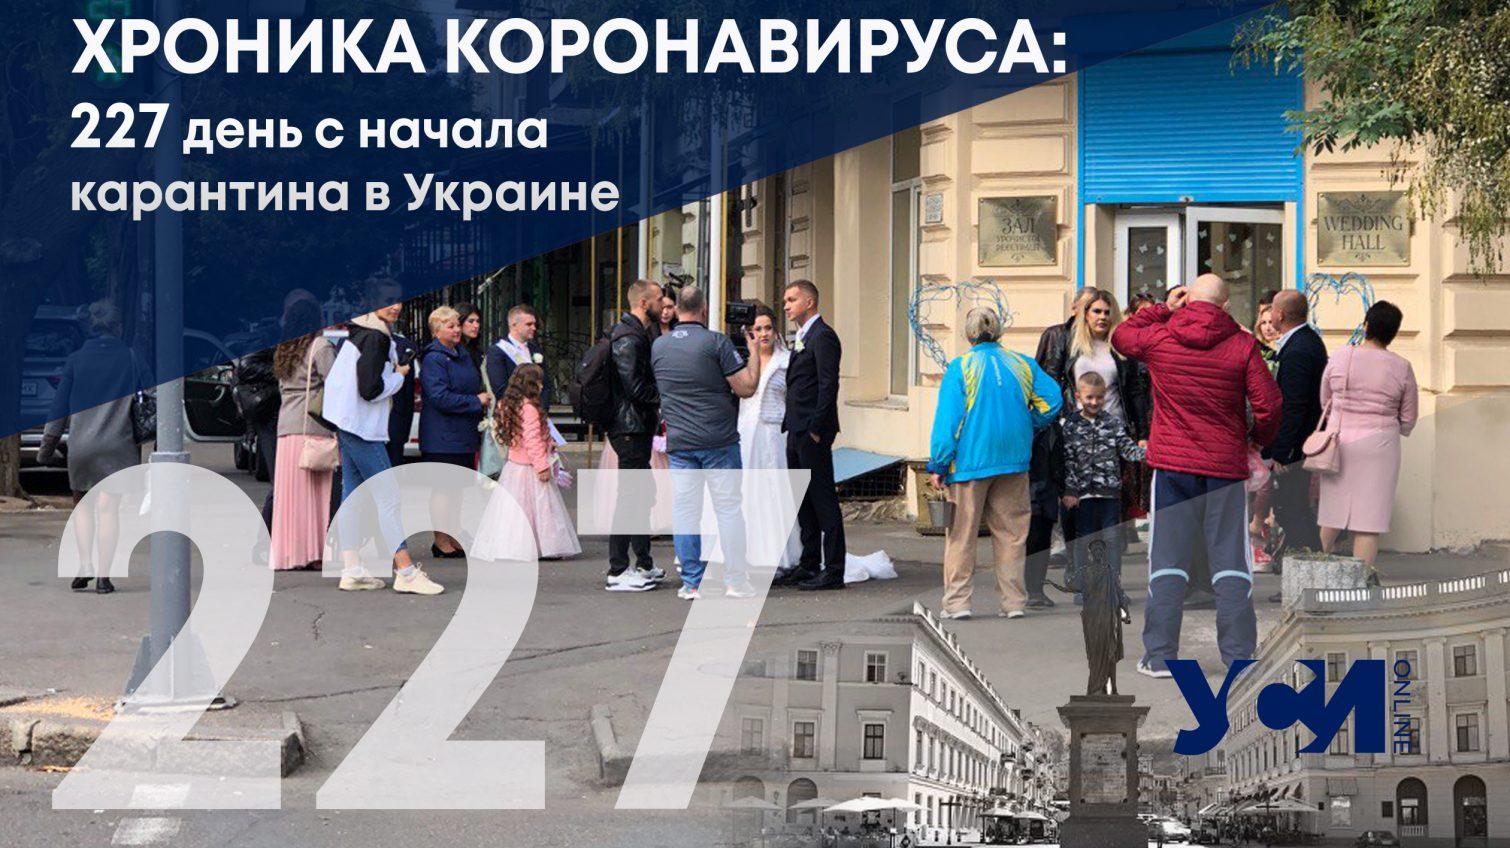 227-й день карантина в Украине «фото»